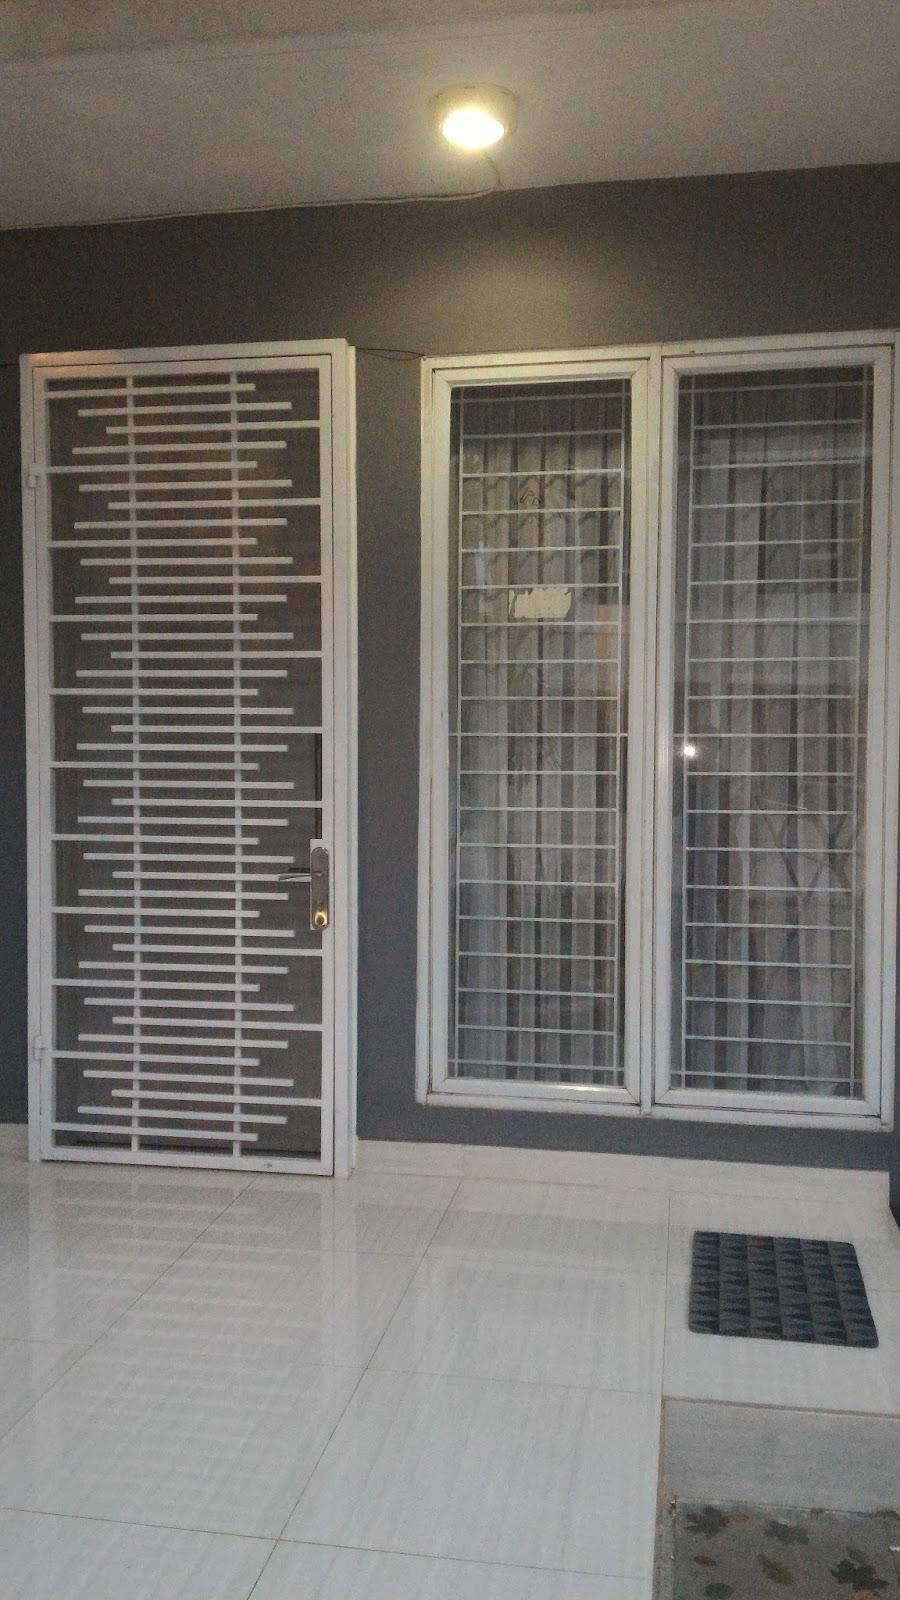 Contoh pintu minimalis modern - Bengkel Las Tangerang ...